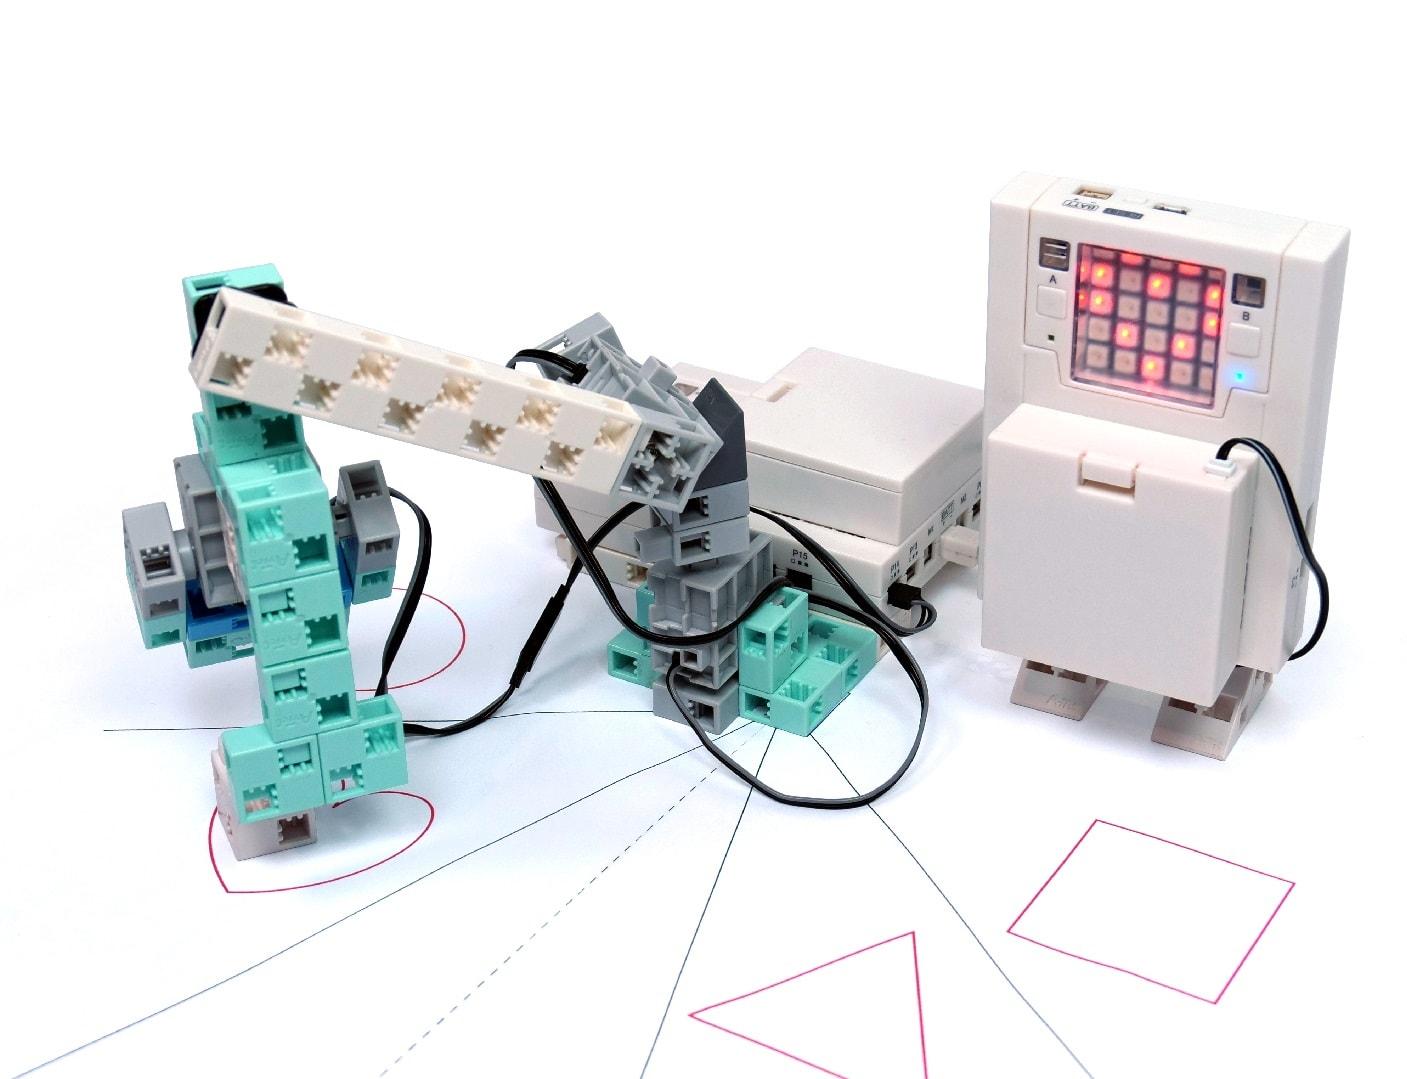 robot programmé lors du cours de programmation n°8